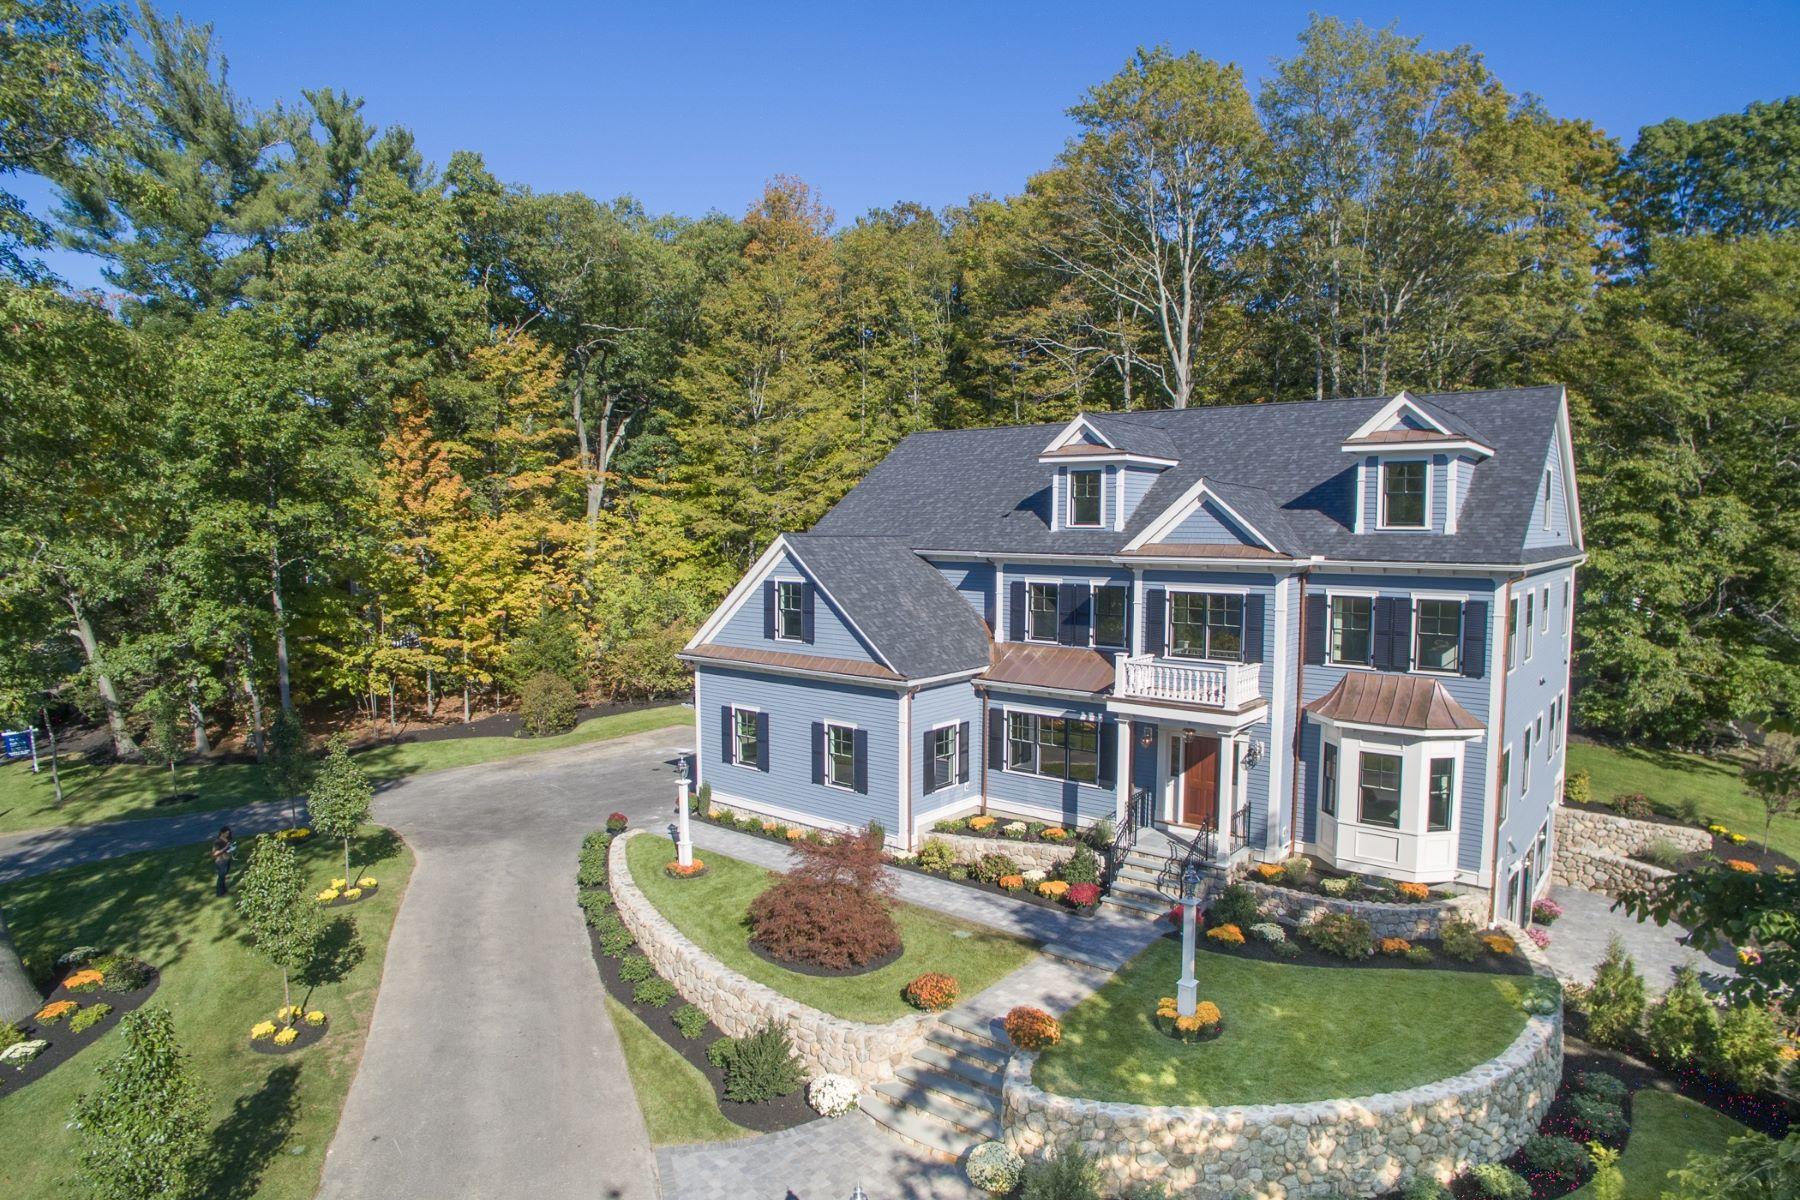 Maison unifamiliale pour l Vente à A True Statement! 71 Adams Street Lexington, Massachusetts, 02420 États-Unis